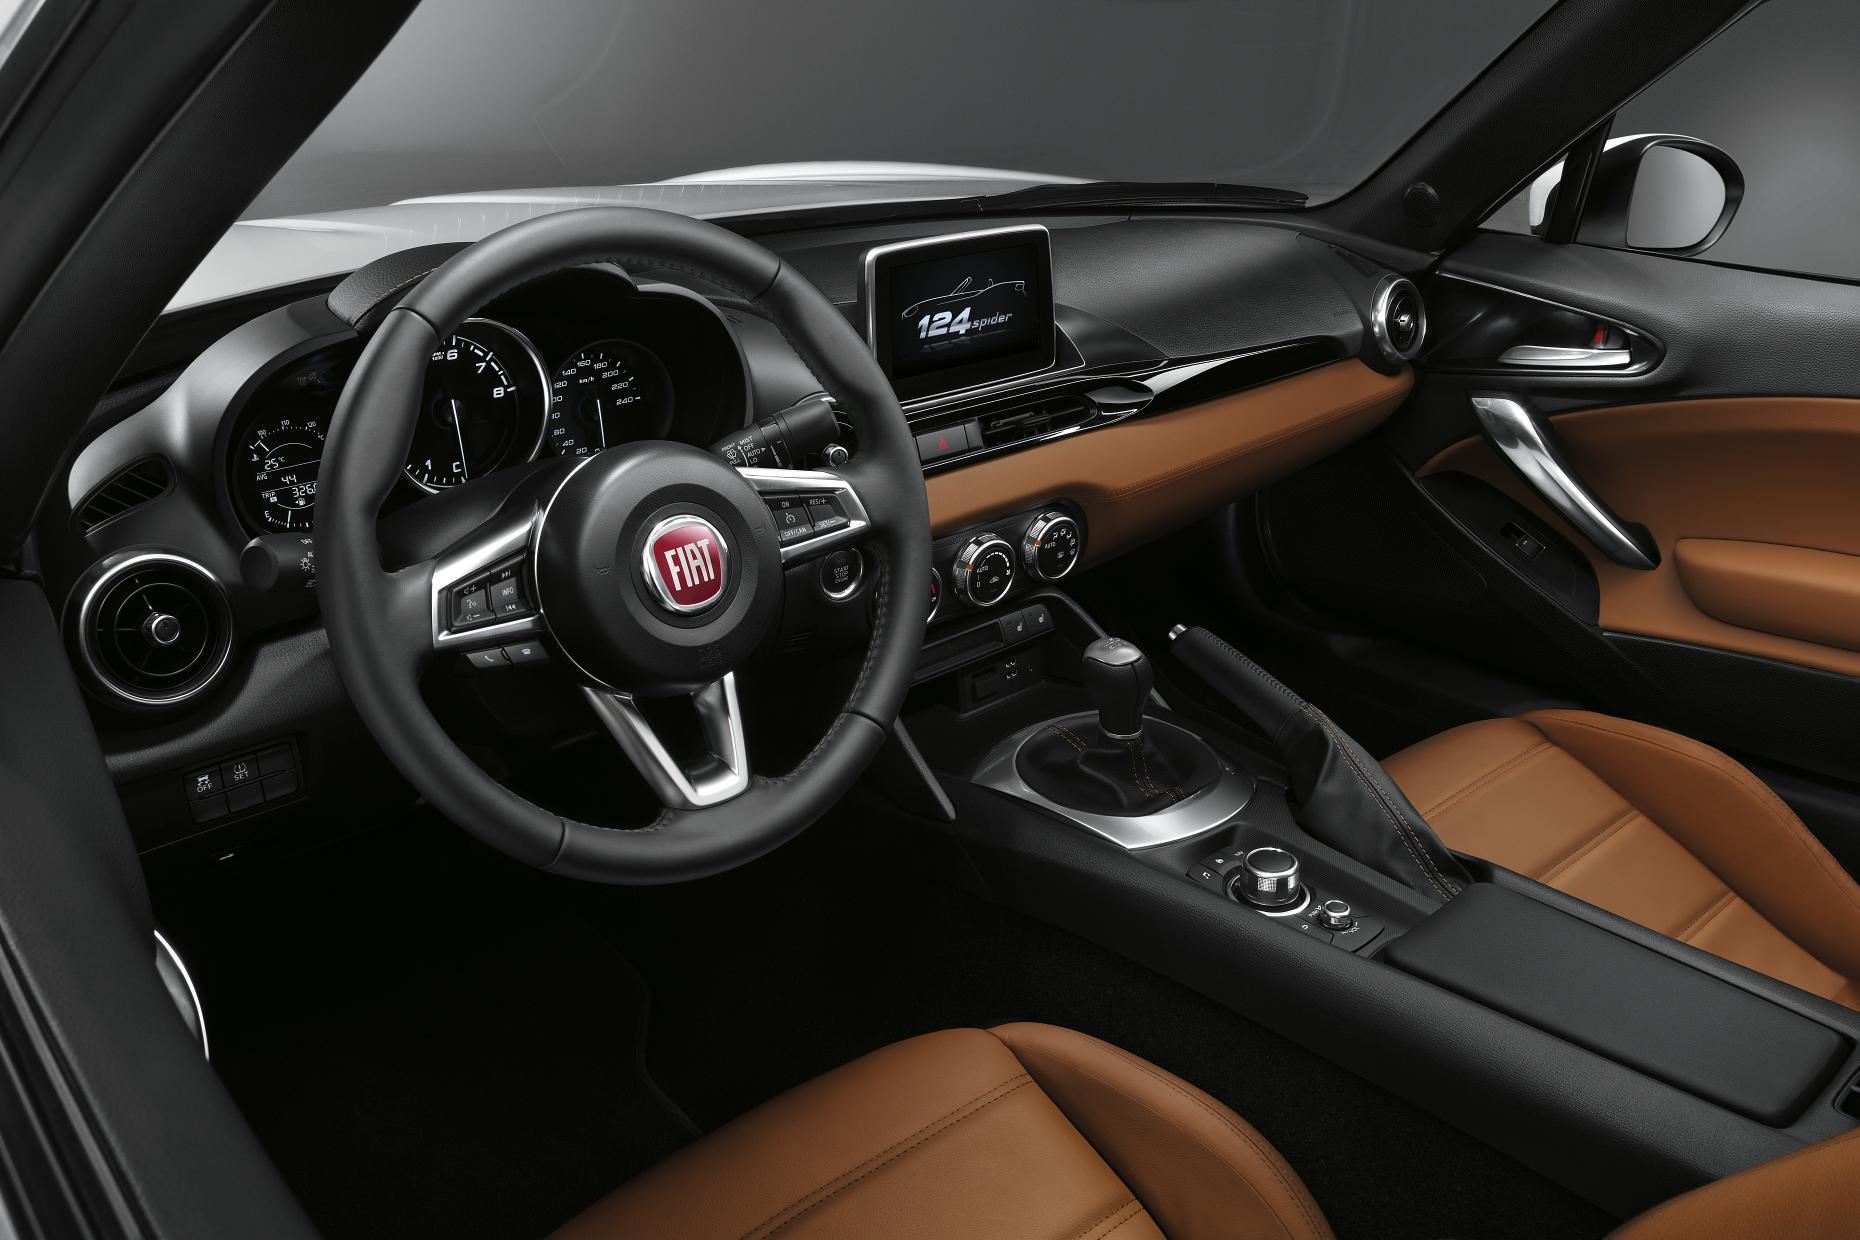 Fiat_124_Spider_interior